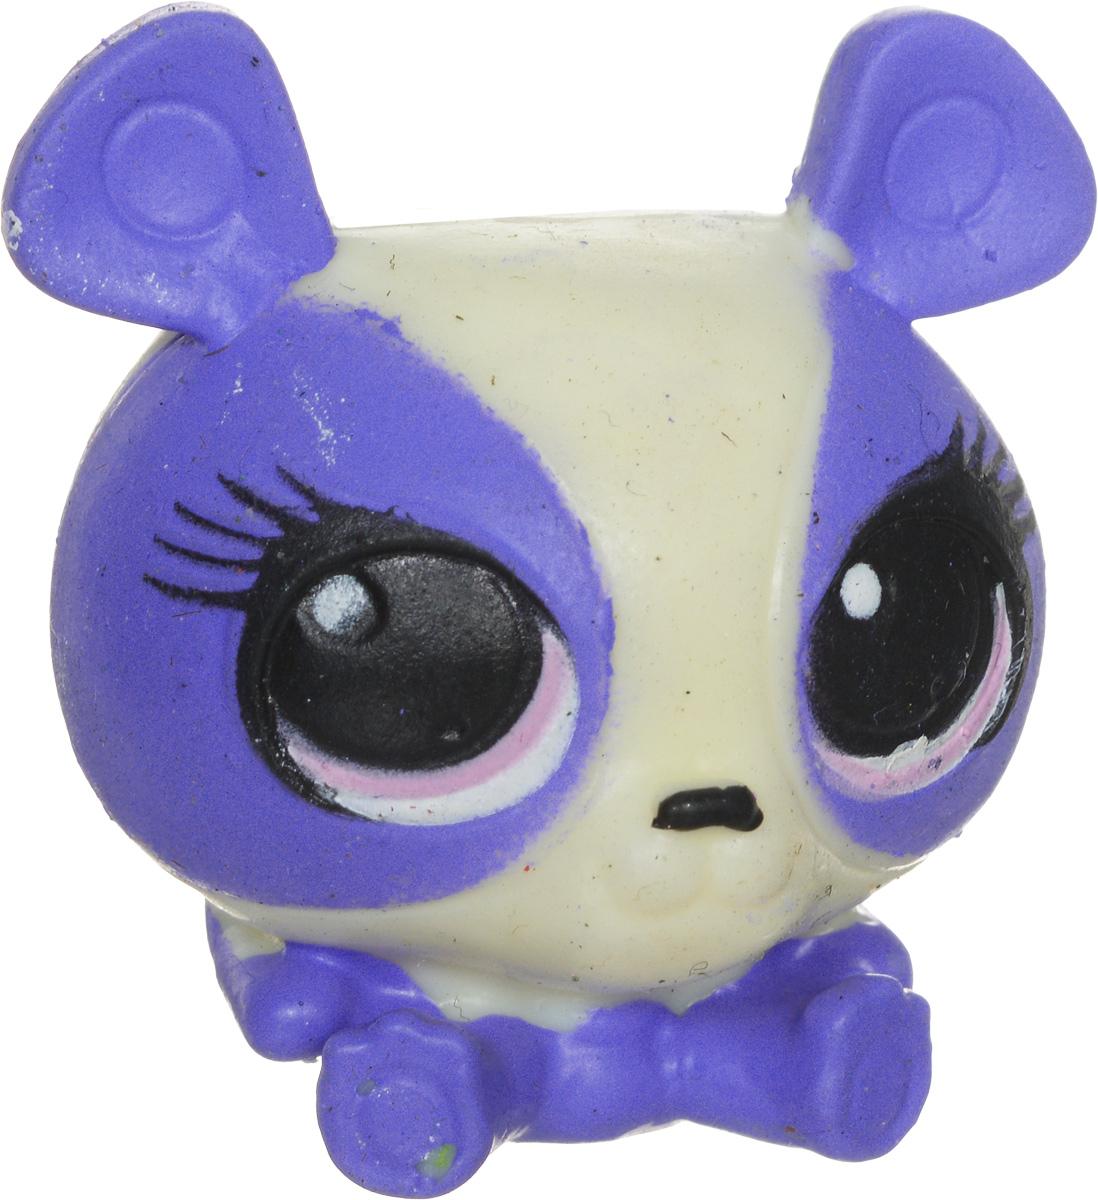 Littlest Pet Shop Фигурка-мялка цвет фиолетовый белый littlest pet shop фигурка мялка цвет оранжевый